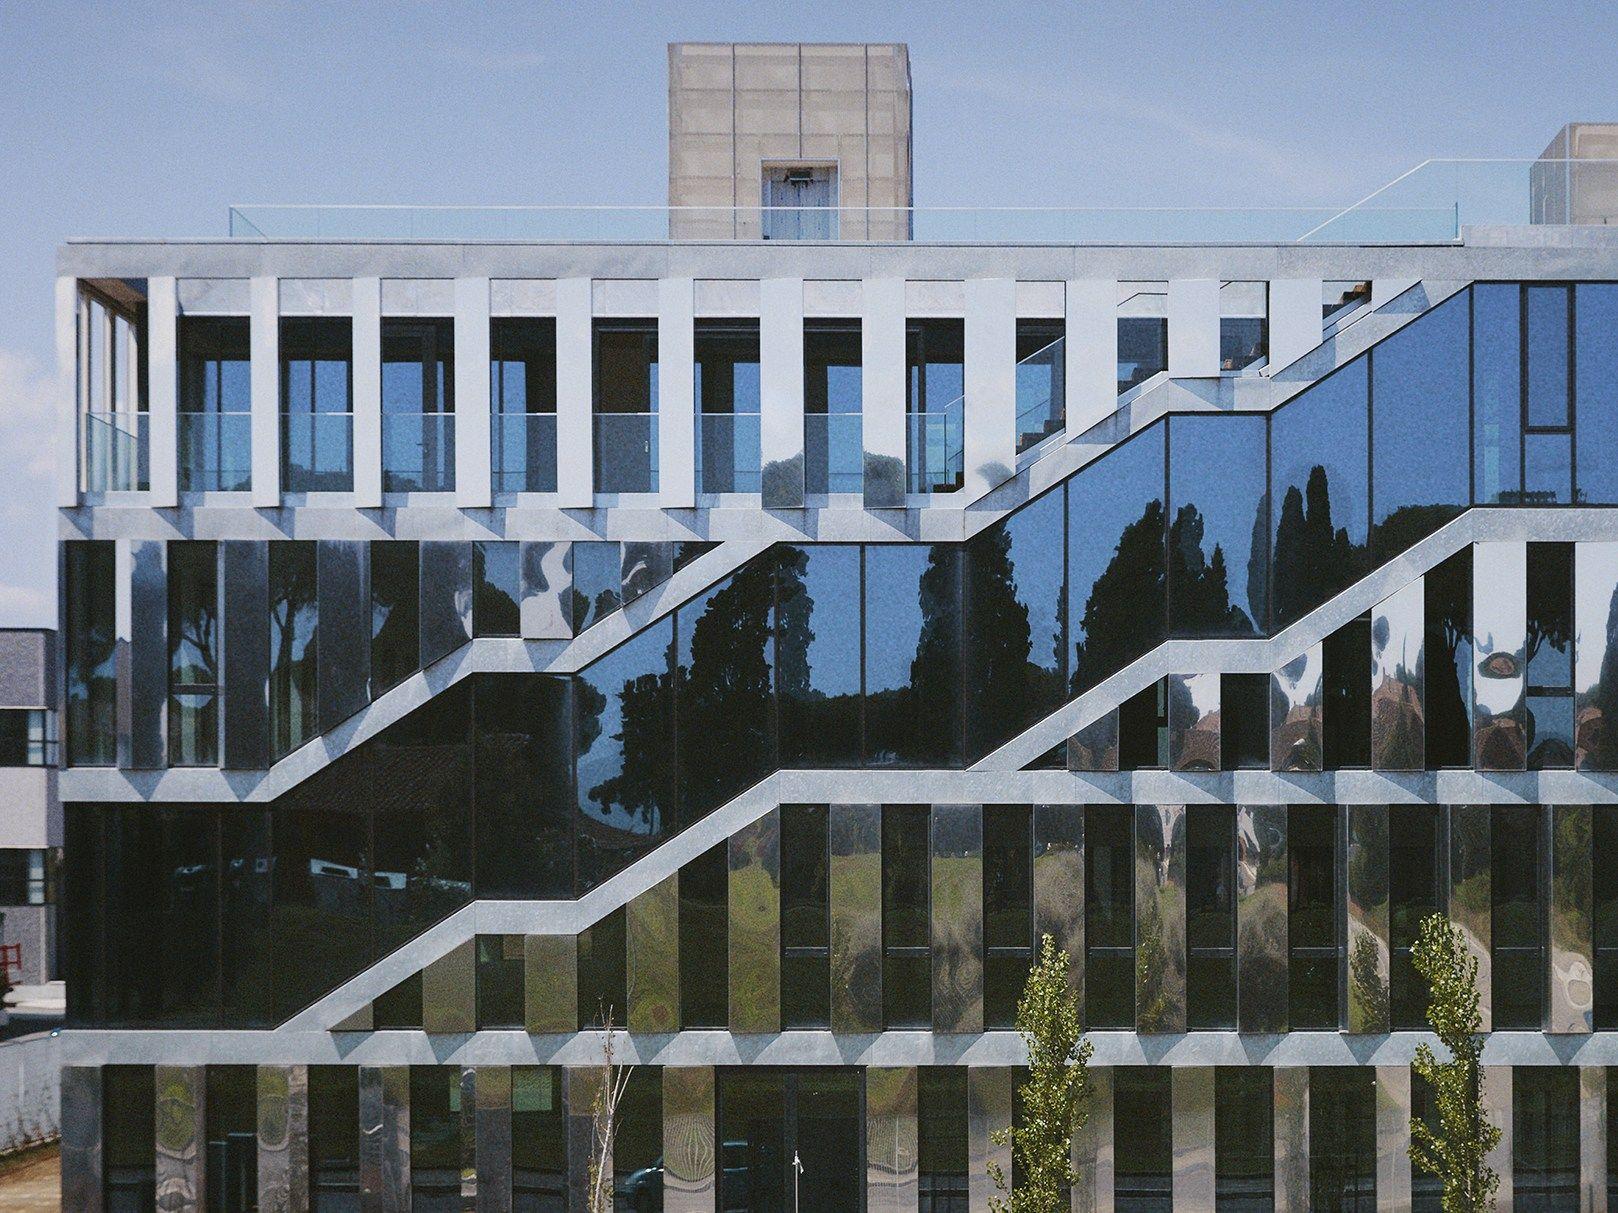 Acciaio riflettente e vetro per l'Intecs spa headquarters